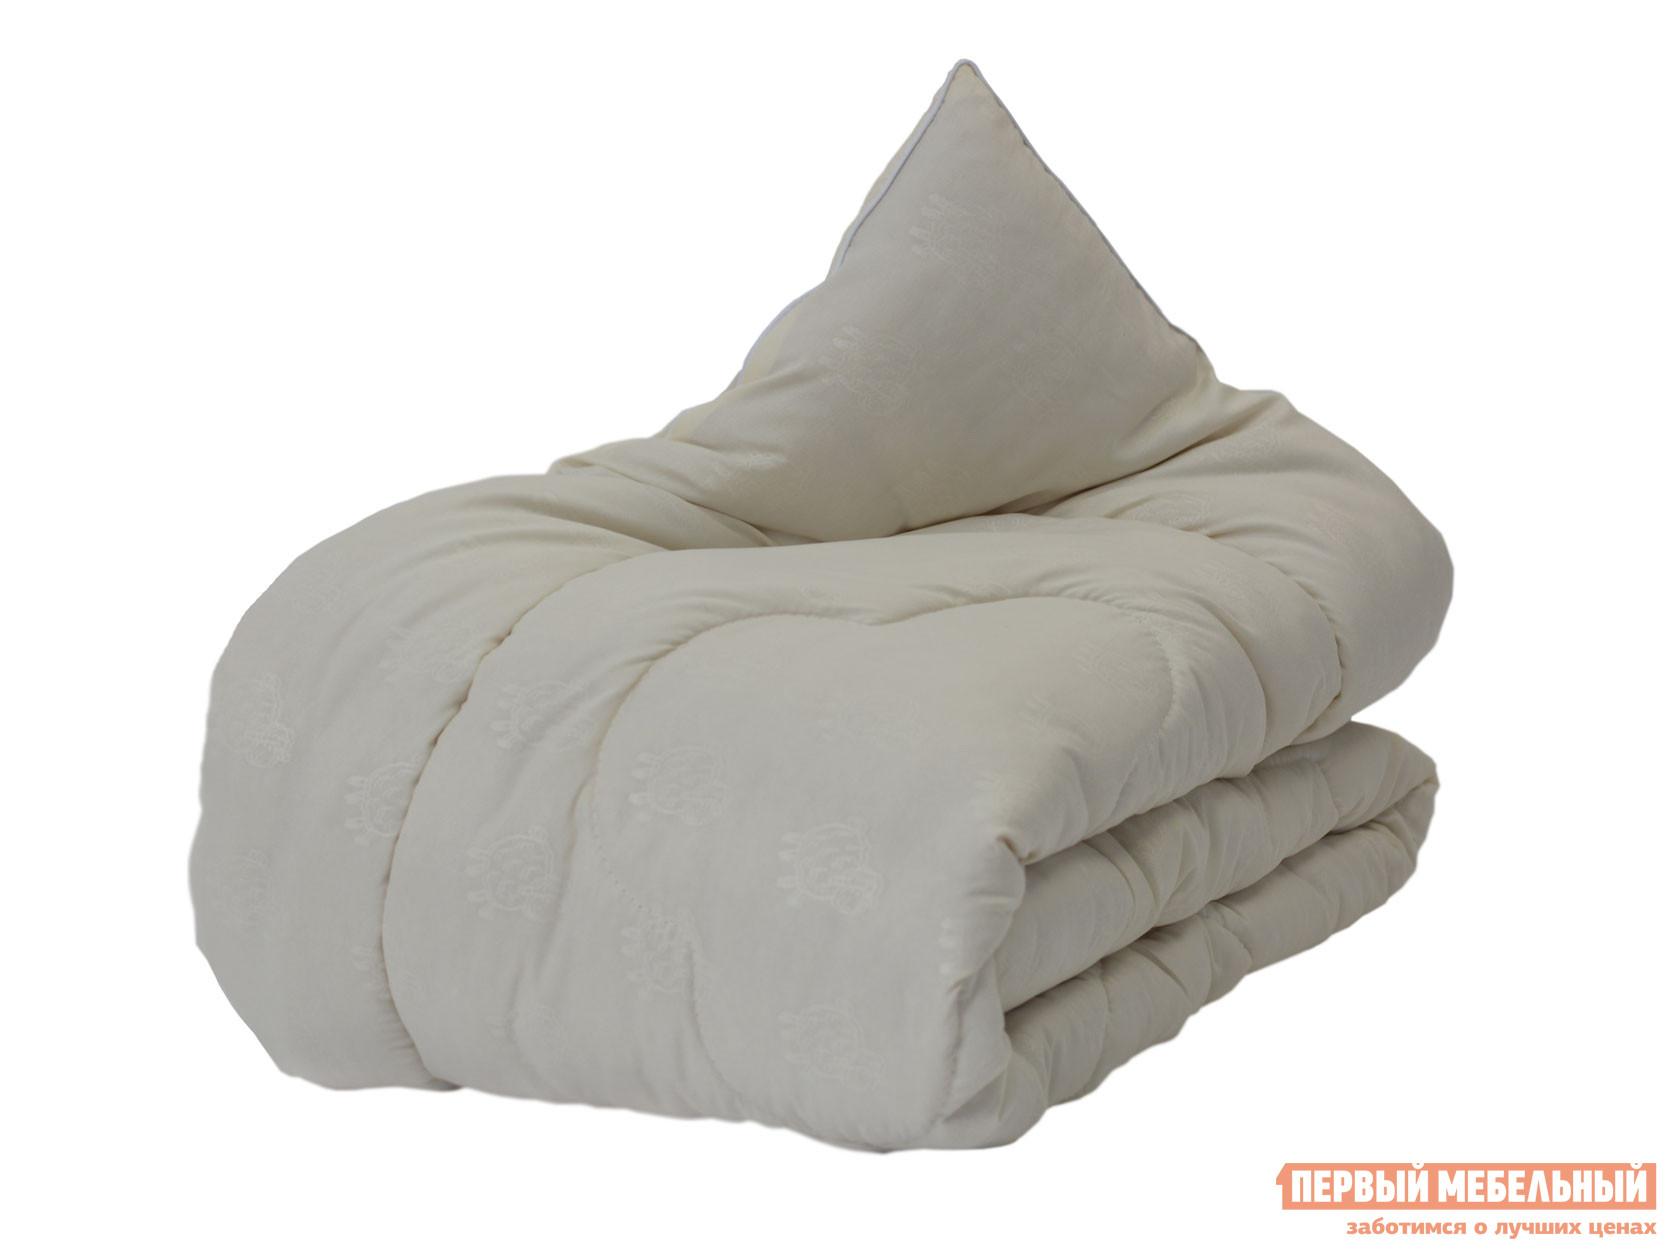 Одеяло Первый Мебельный Одеяло микрофибра/шерсть овечья 300 г/м2, всесезонное